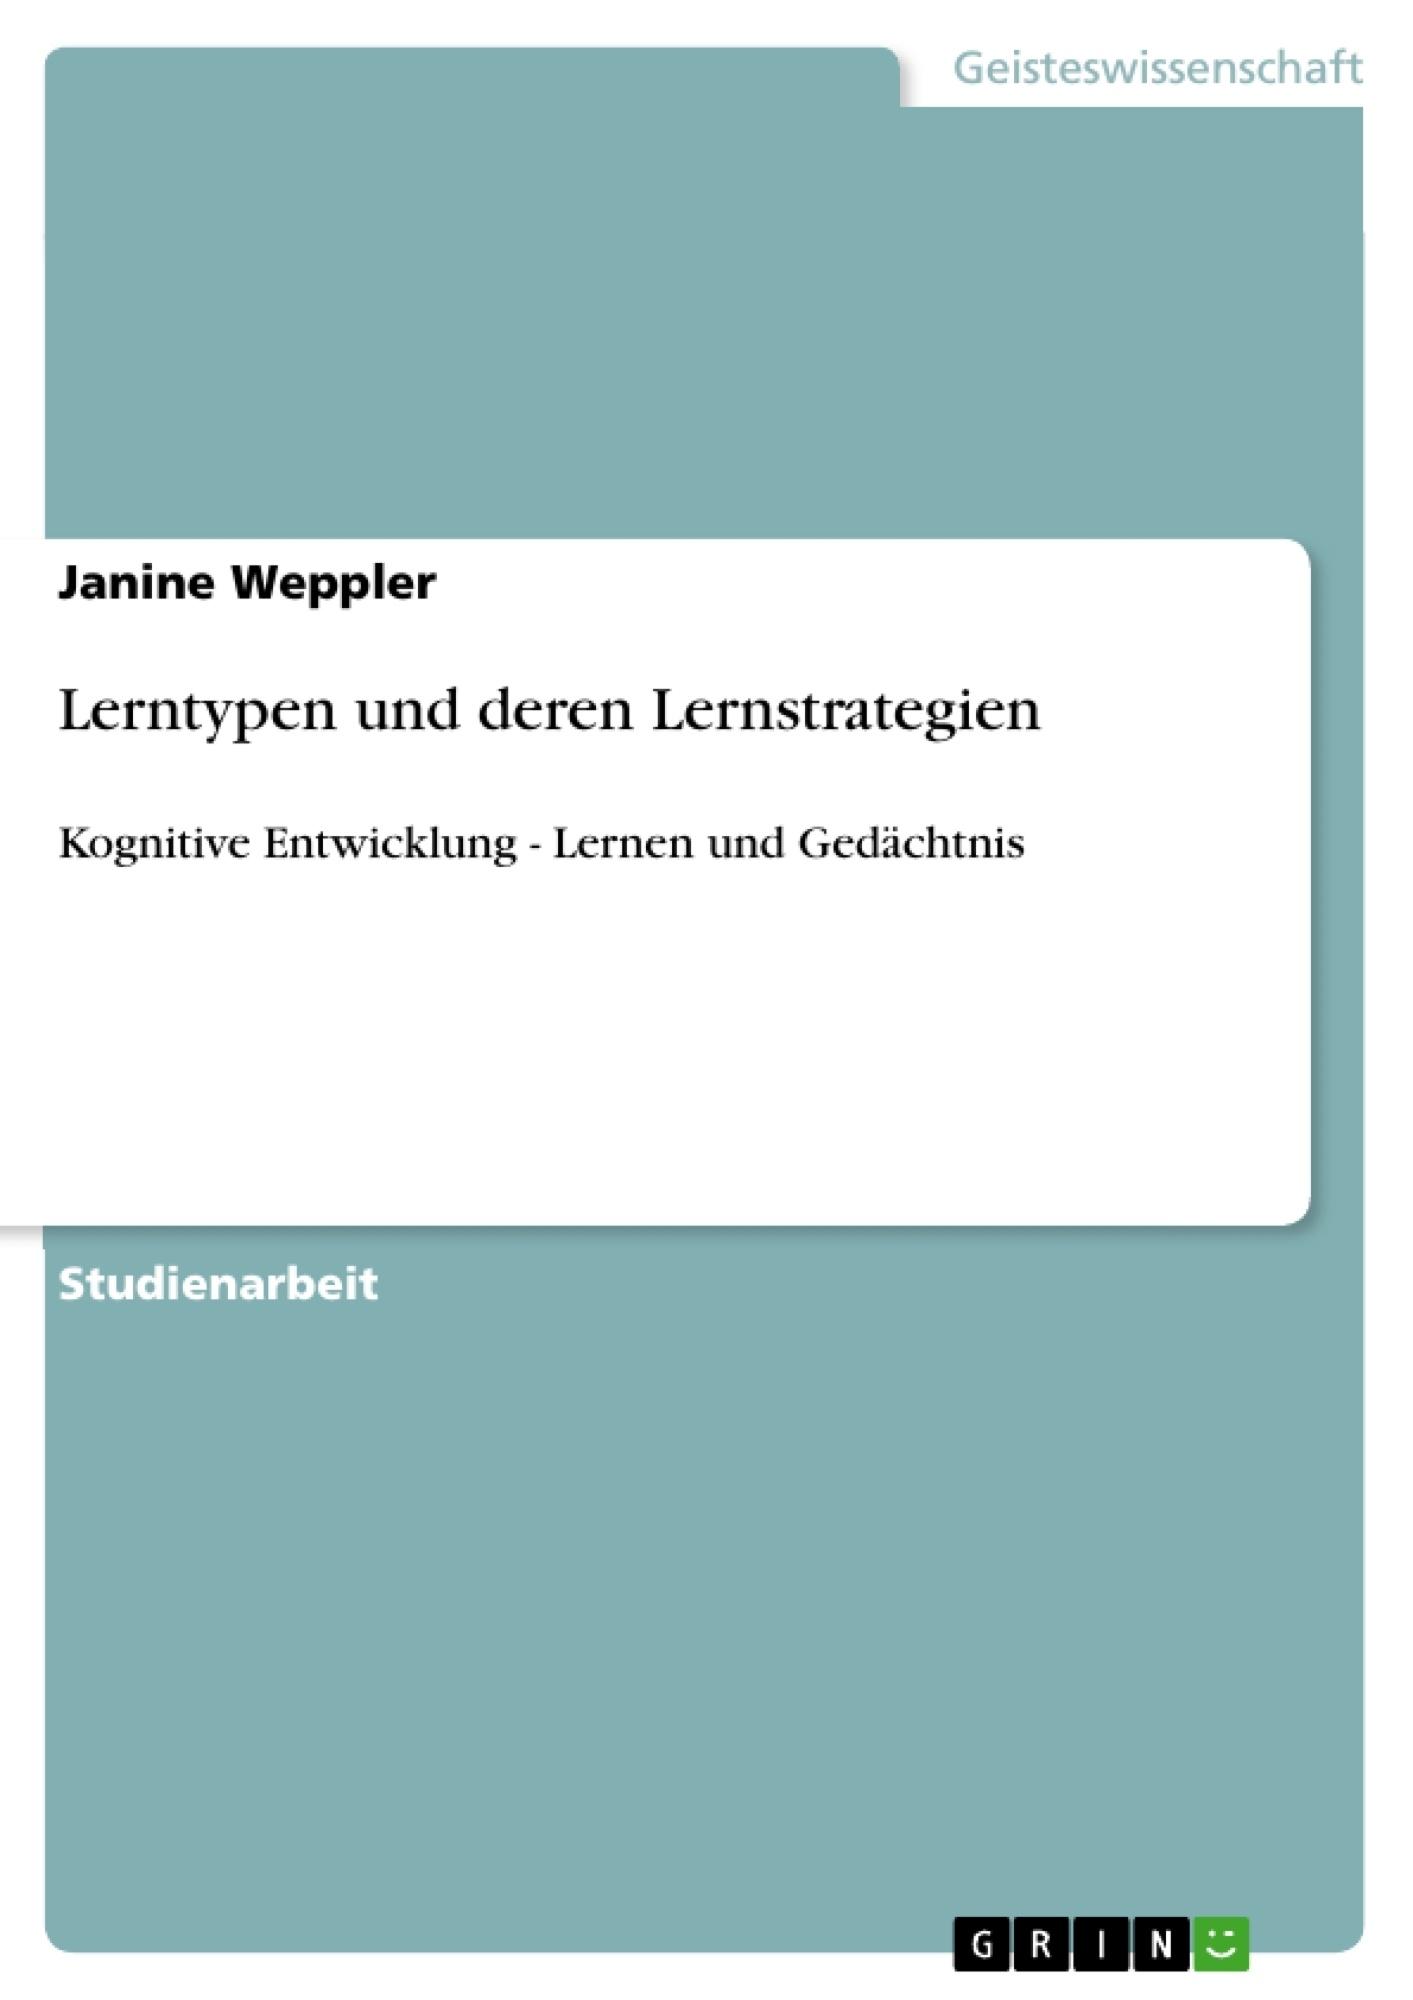 Titel: Lerntypen und deren Lernstrategien